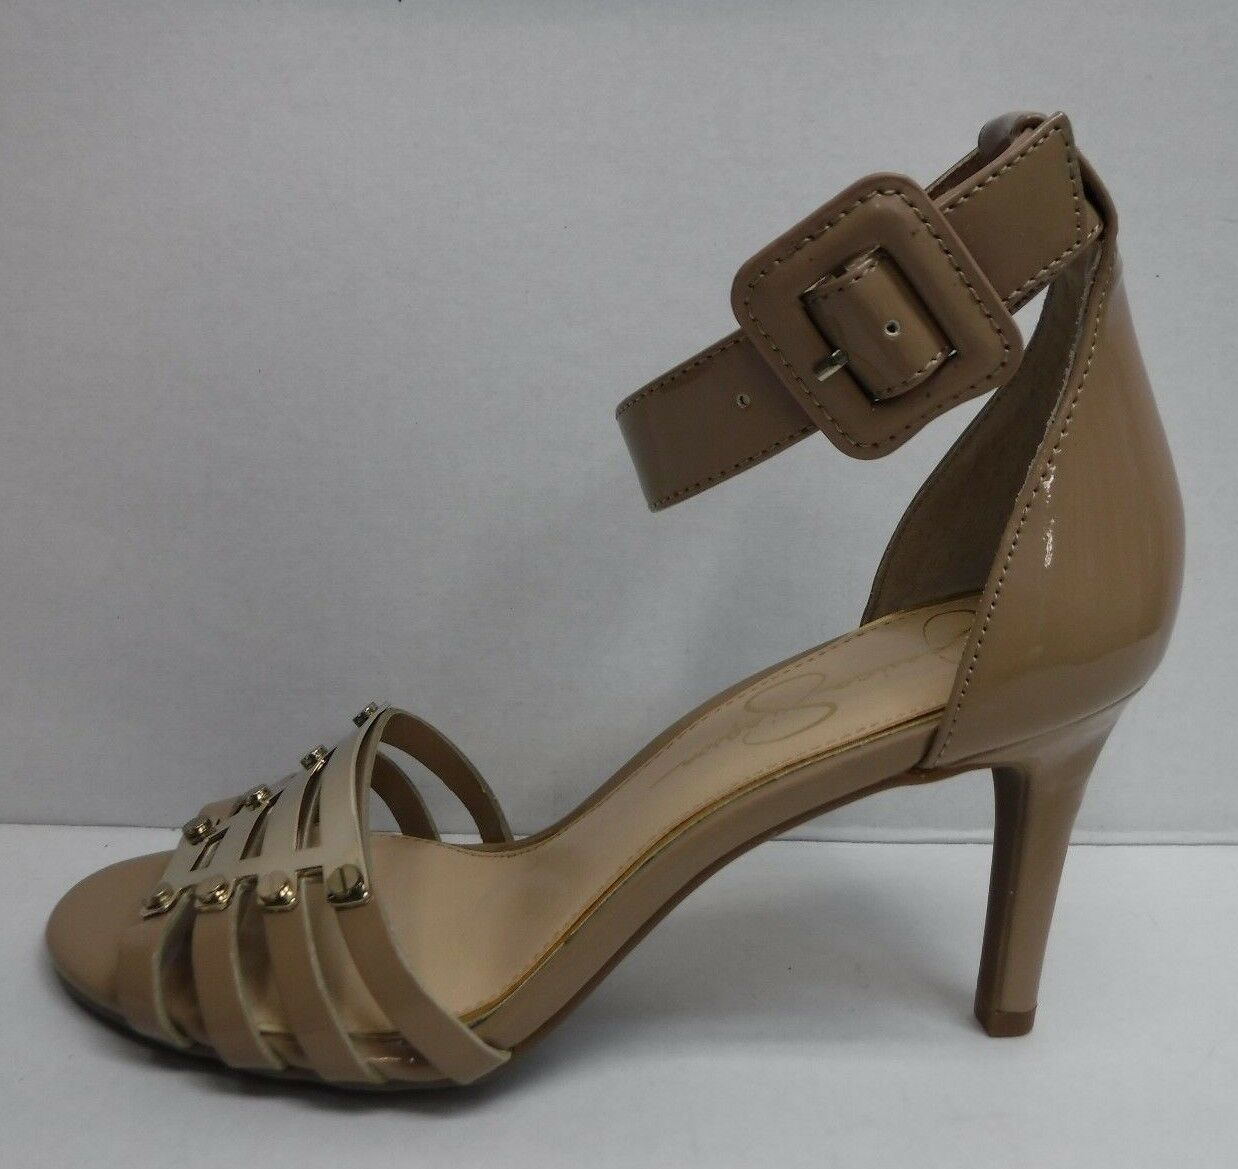 Jessica Simpson Größe 7 Beige Schuhes Heels Sandales New Damenschuhe Schuhes Beige 577a83